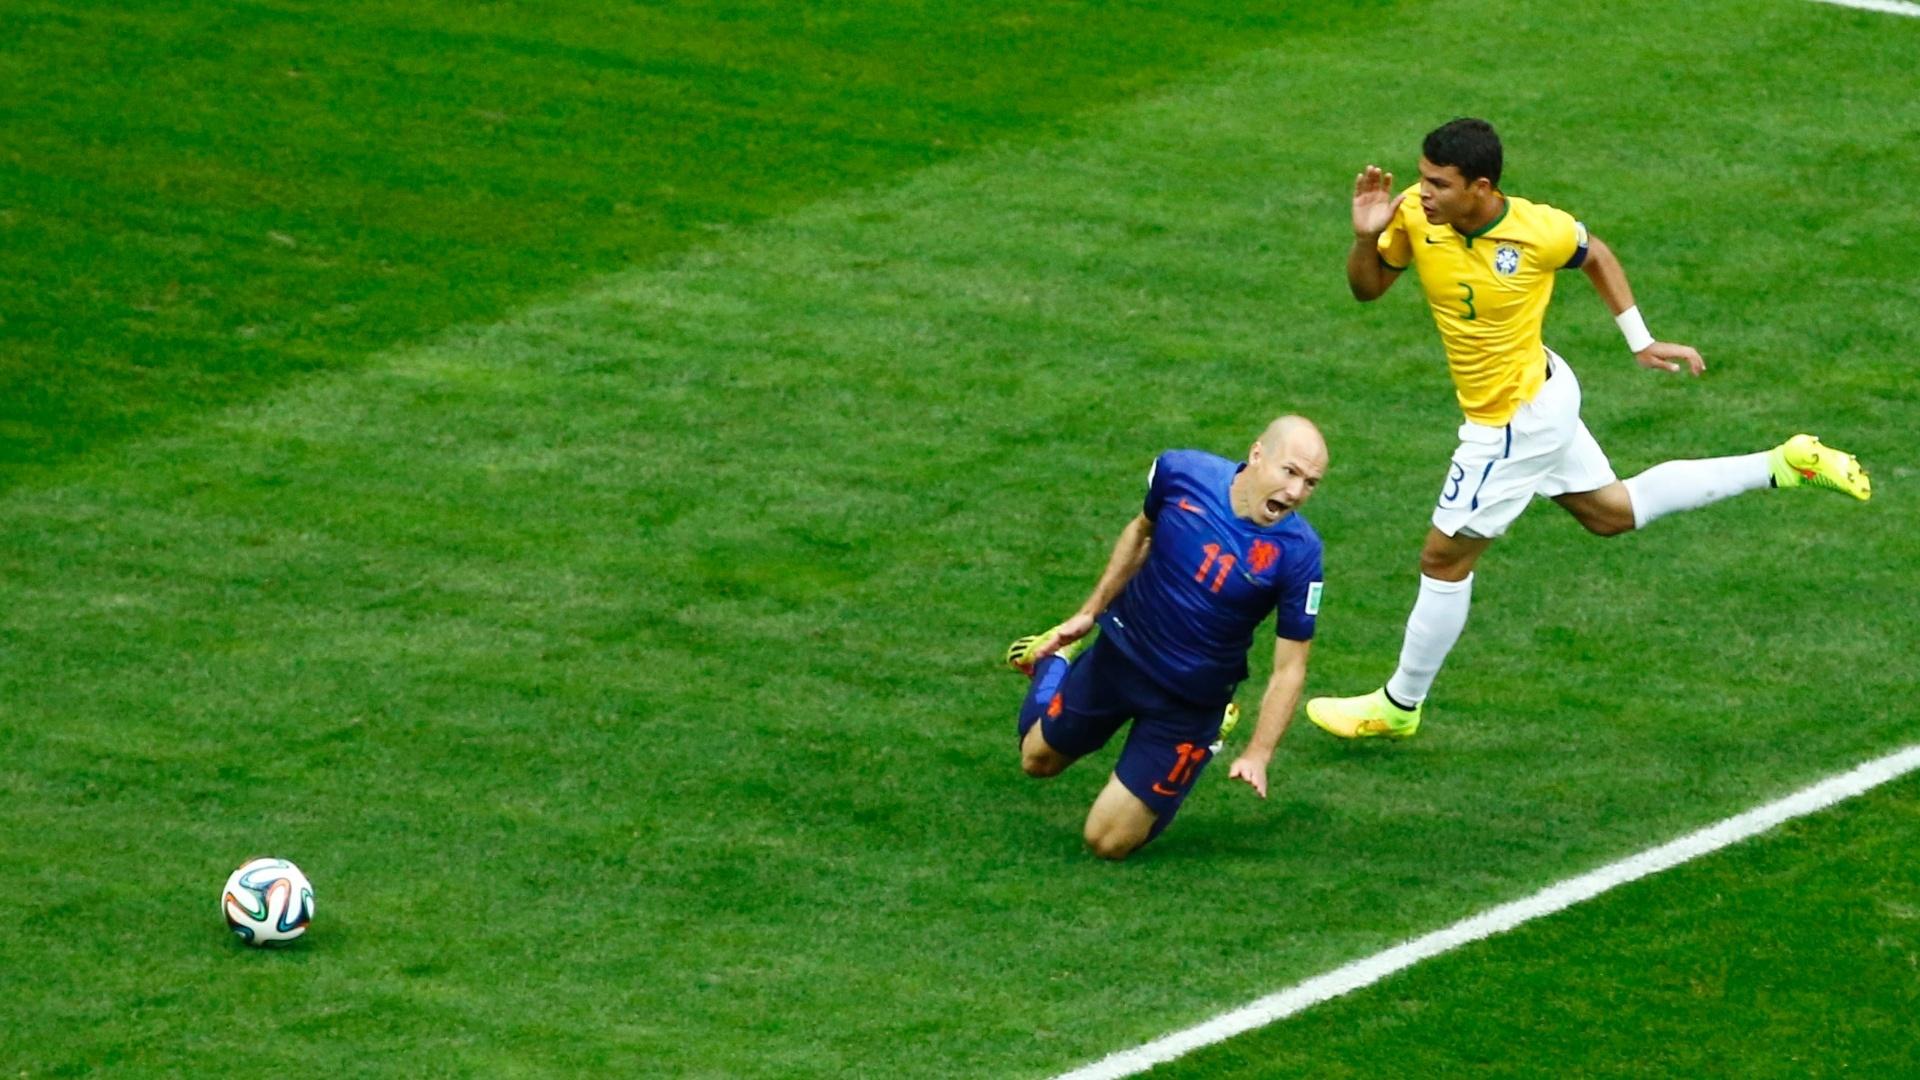 12.jul.2014 - Robben é derrubado por Thiago Silva e o árbitro marca pênalti, que originou o primeiro gol da Holanda na vitória por 3 a 0 sobre o Brasil, no Mané Garrincha